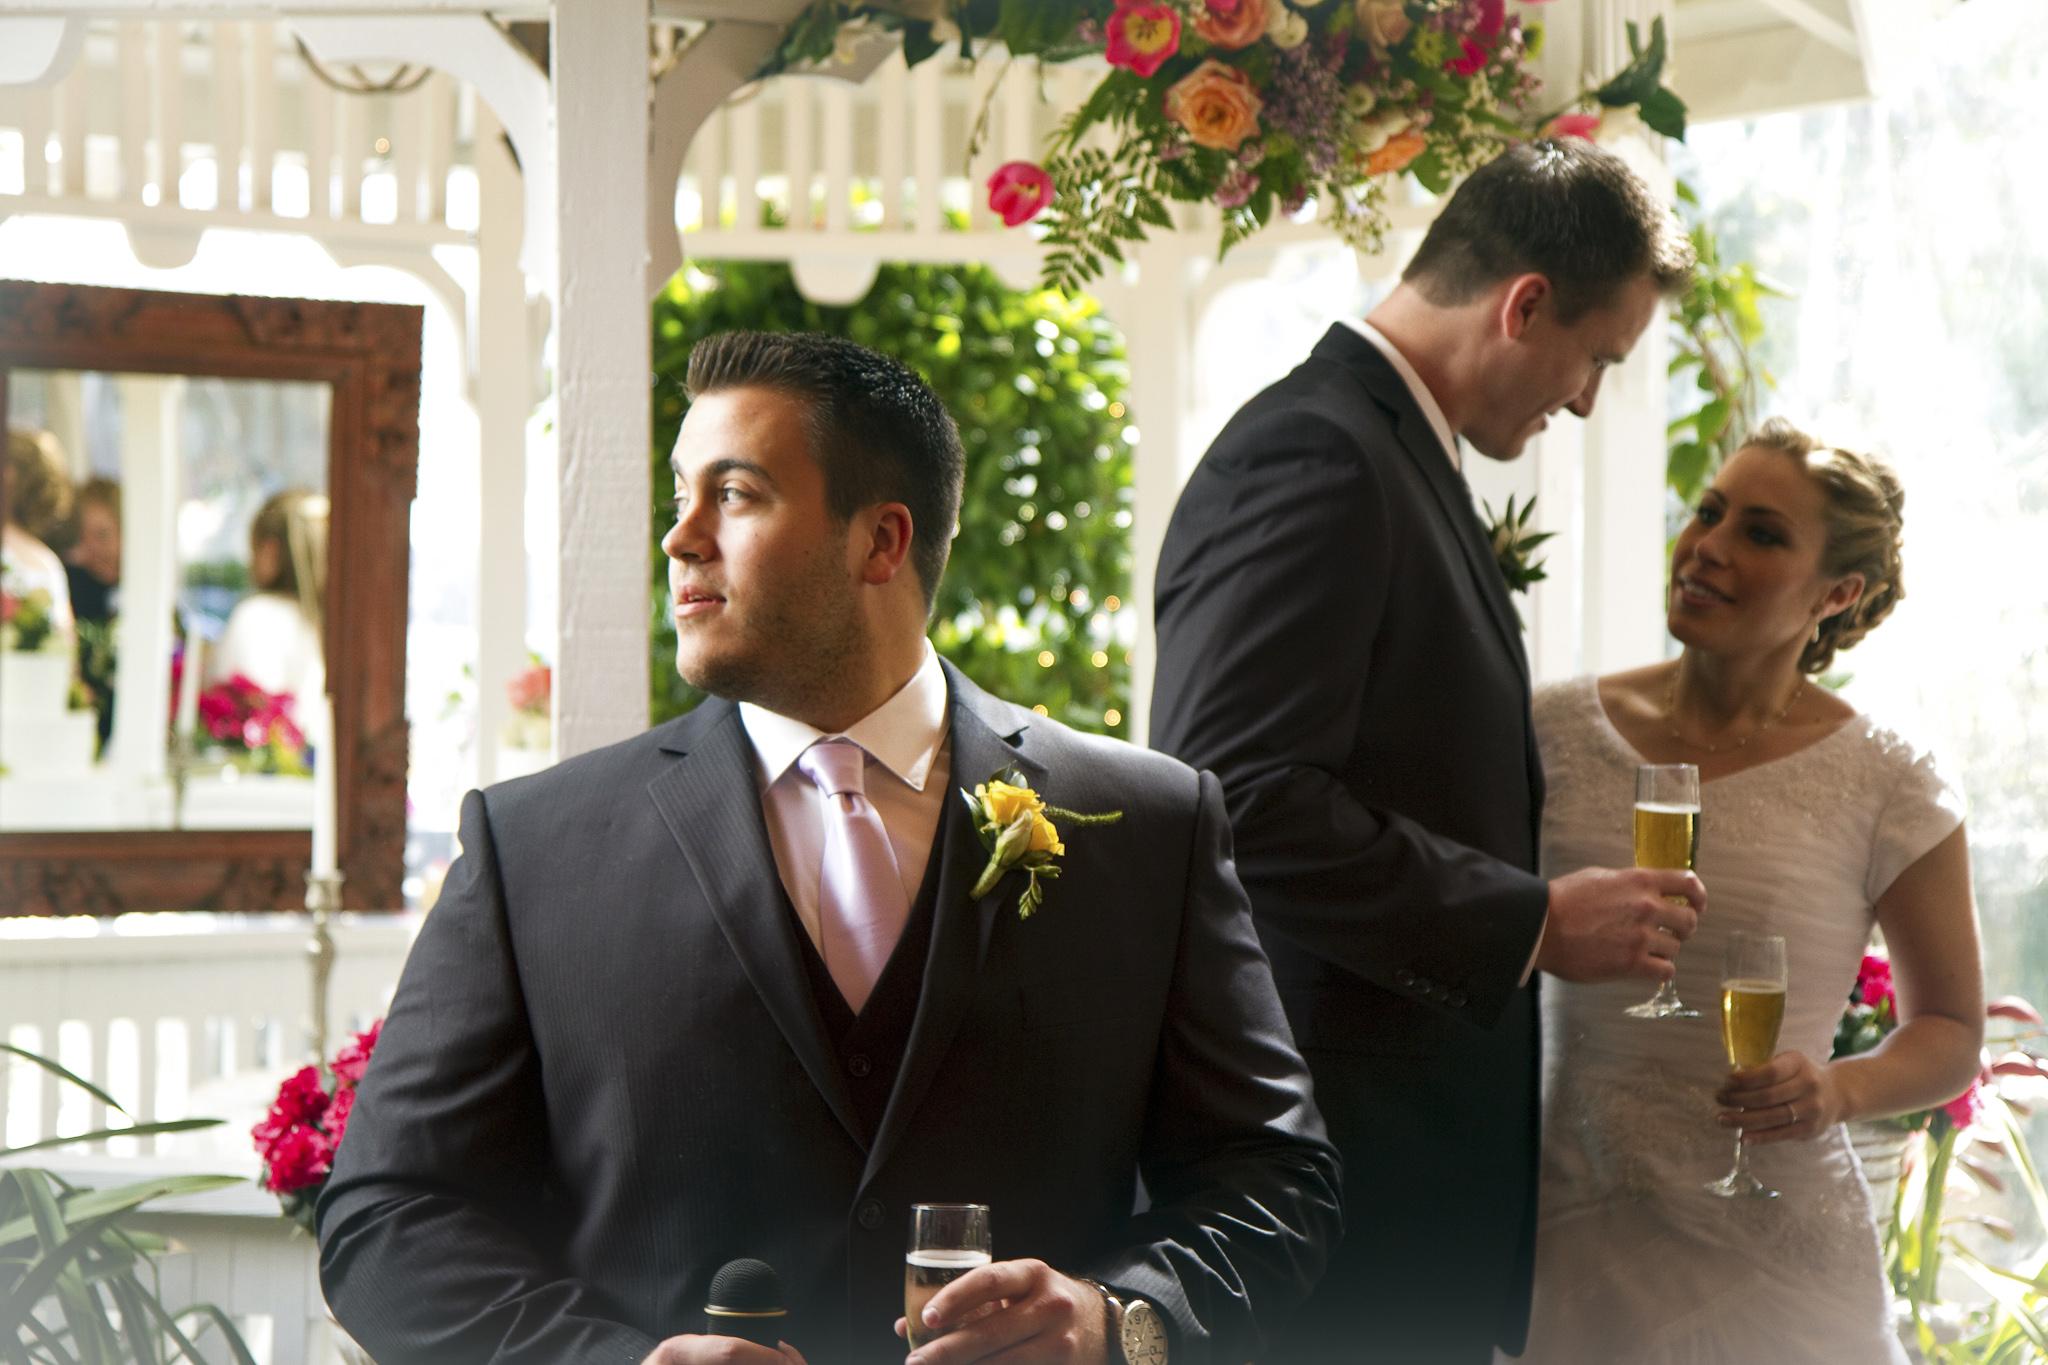 Best Man speeks at wedding